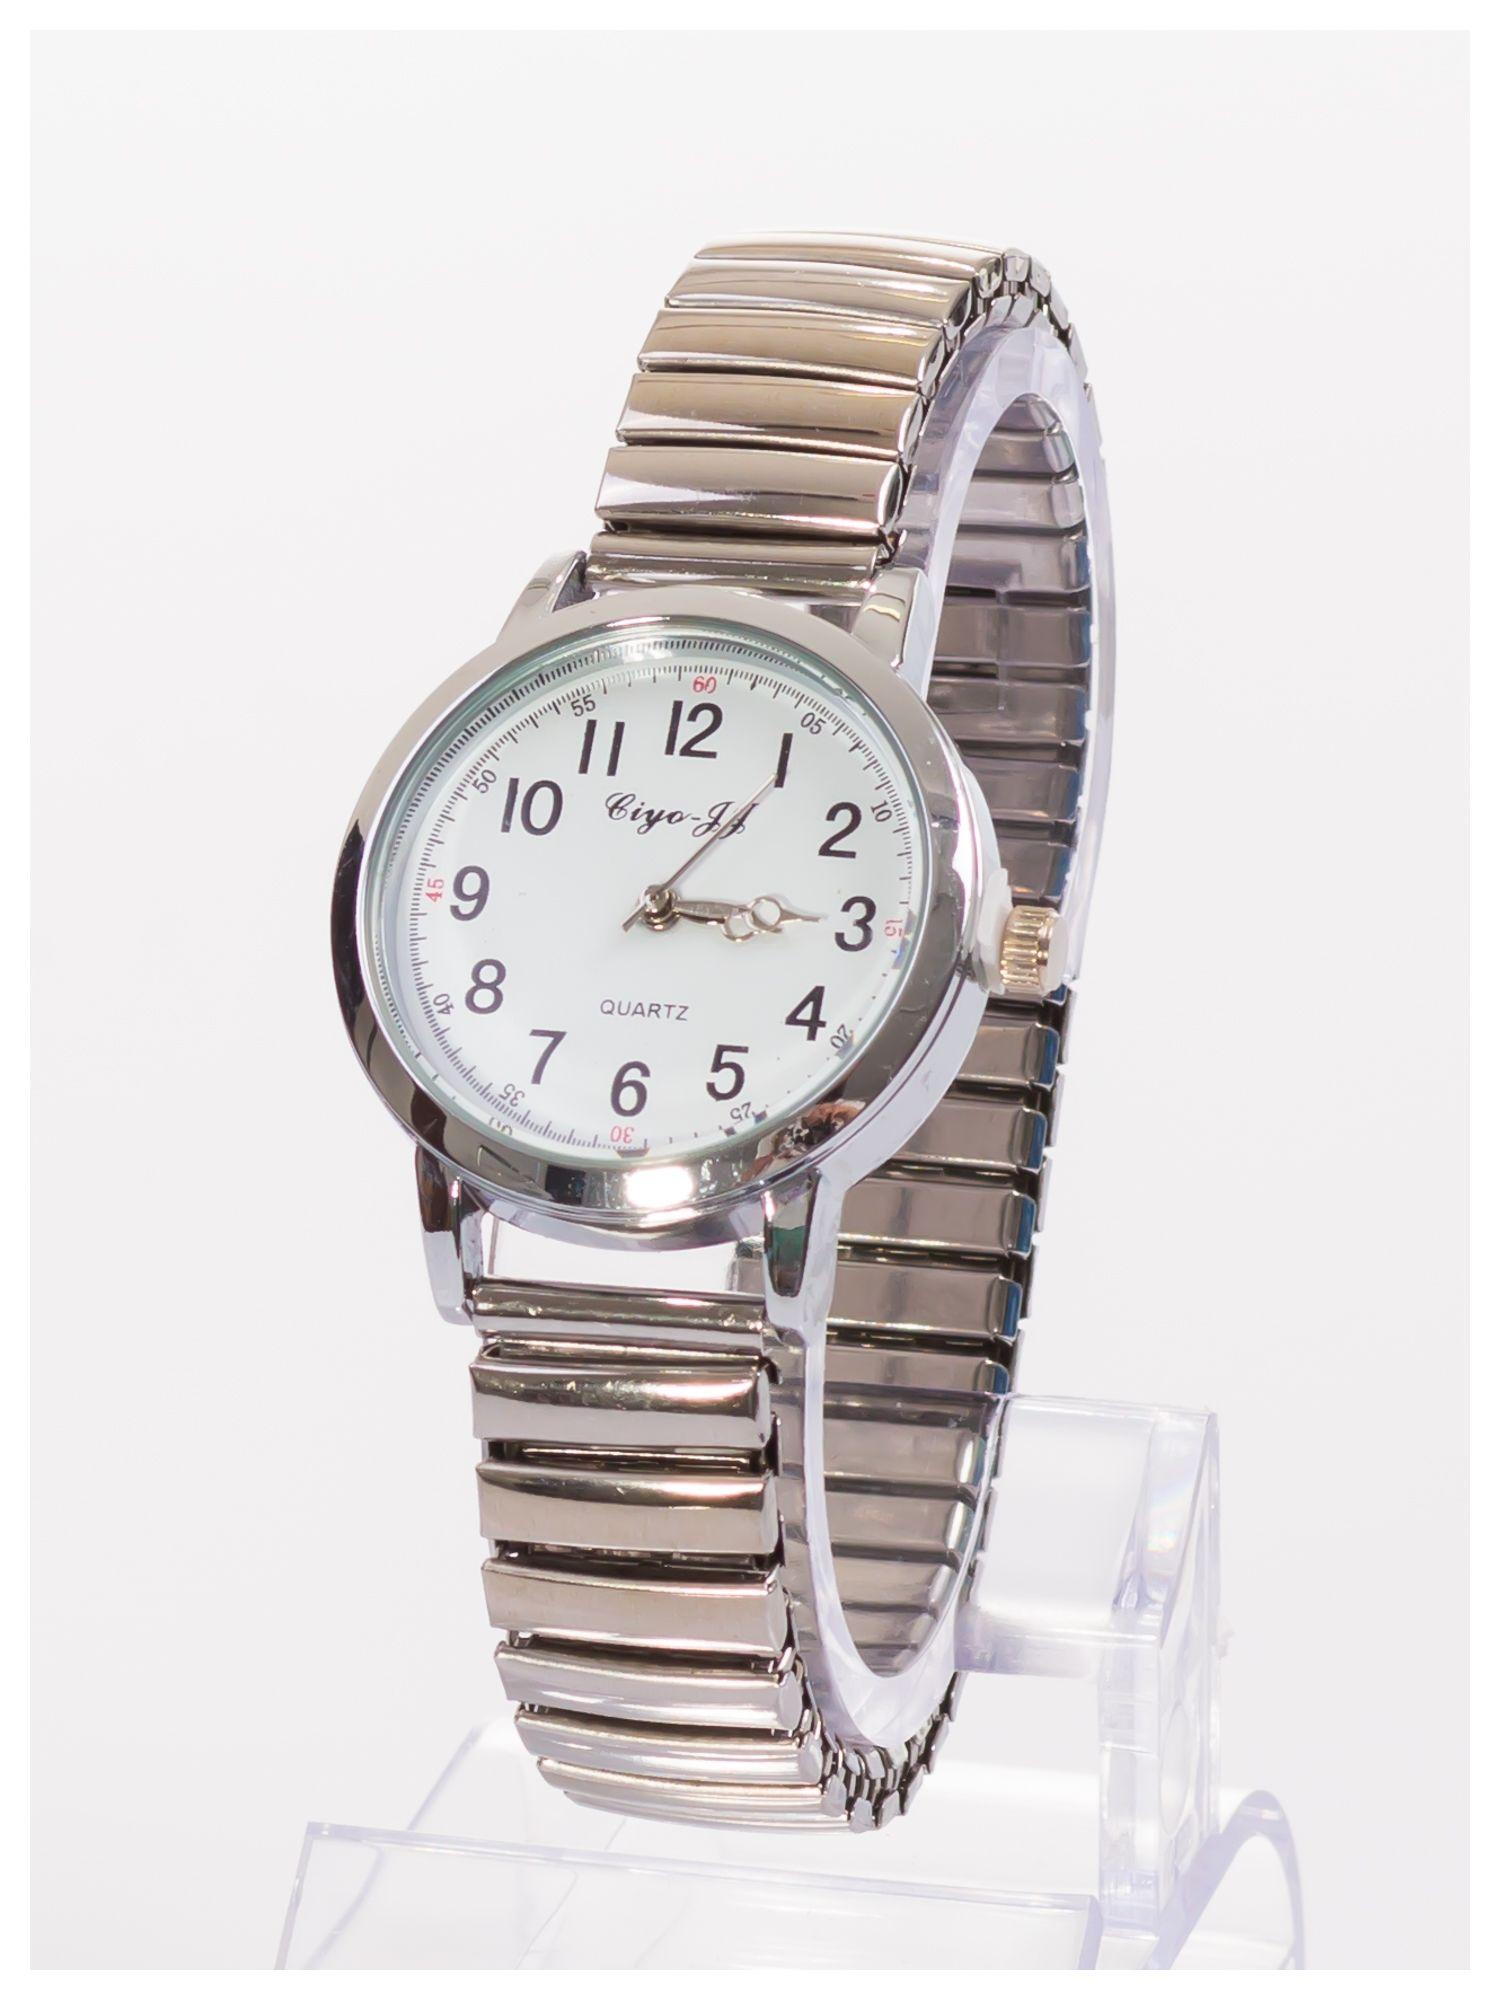 e0fd9e0f6cc64b 1 · Delikatny damski zegarek na srebrnej elastycznej bransolecie ...